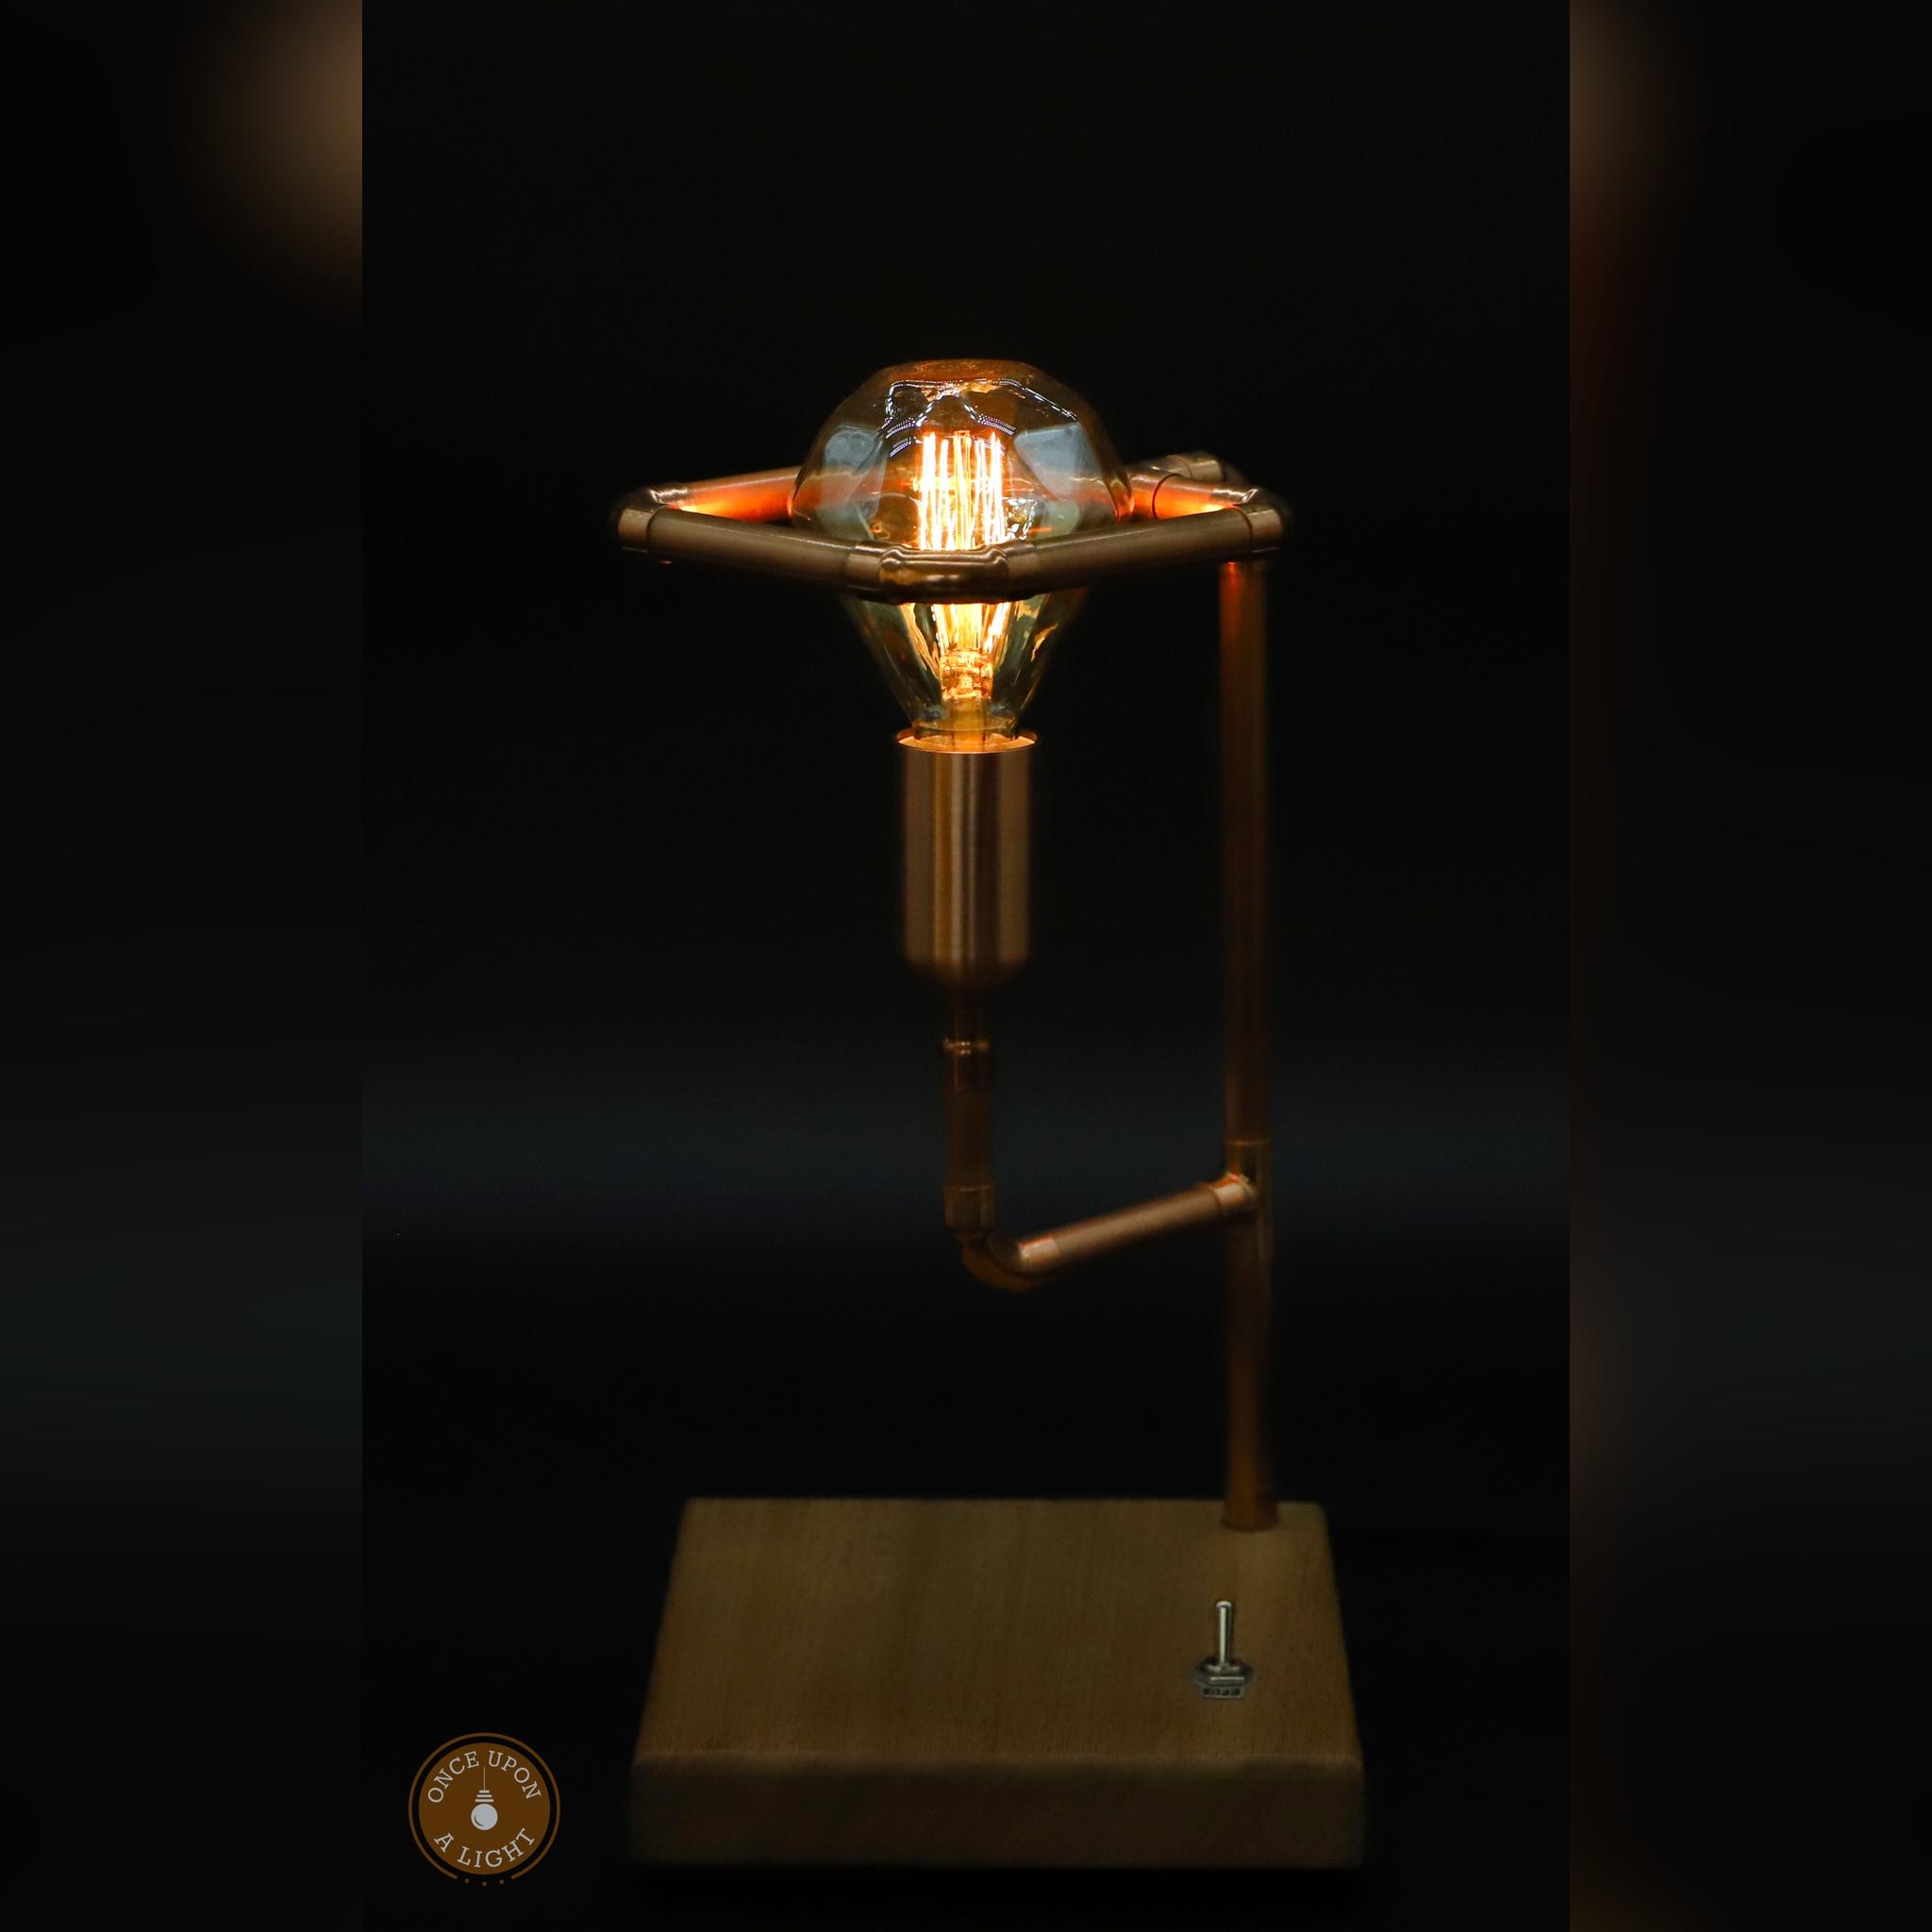 Lampe de chevet design vintage bois et cuivre